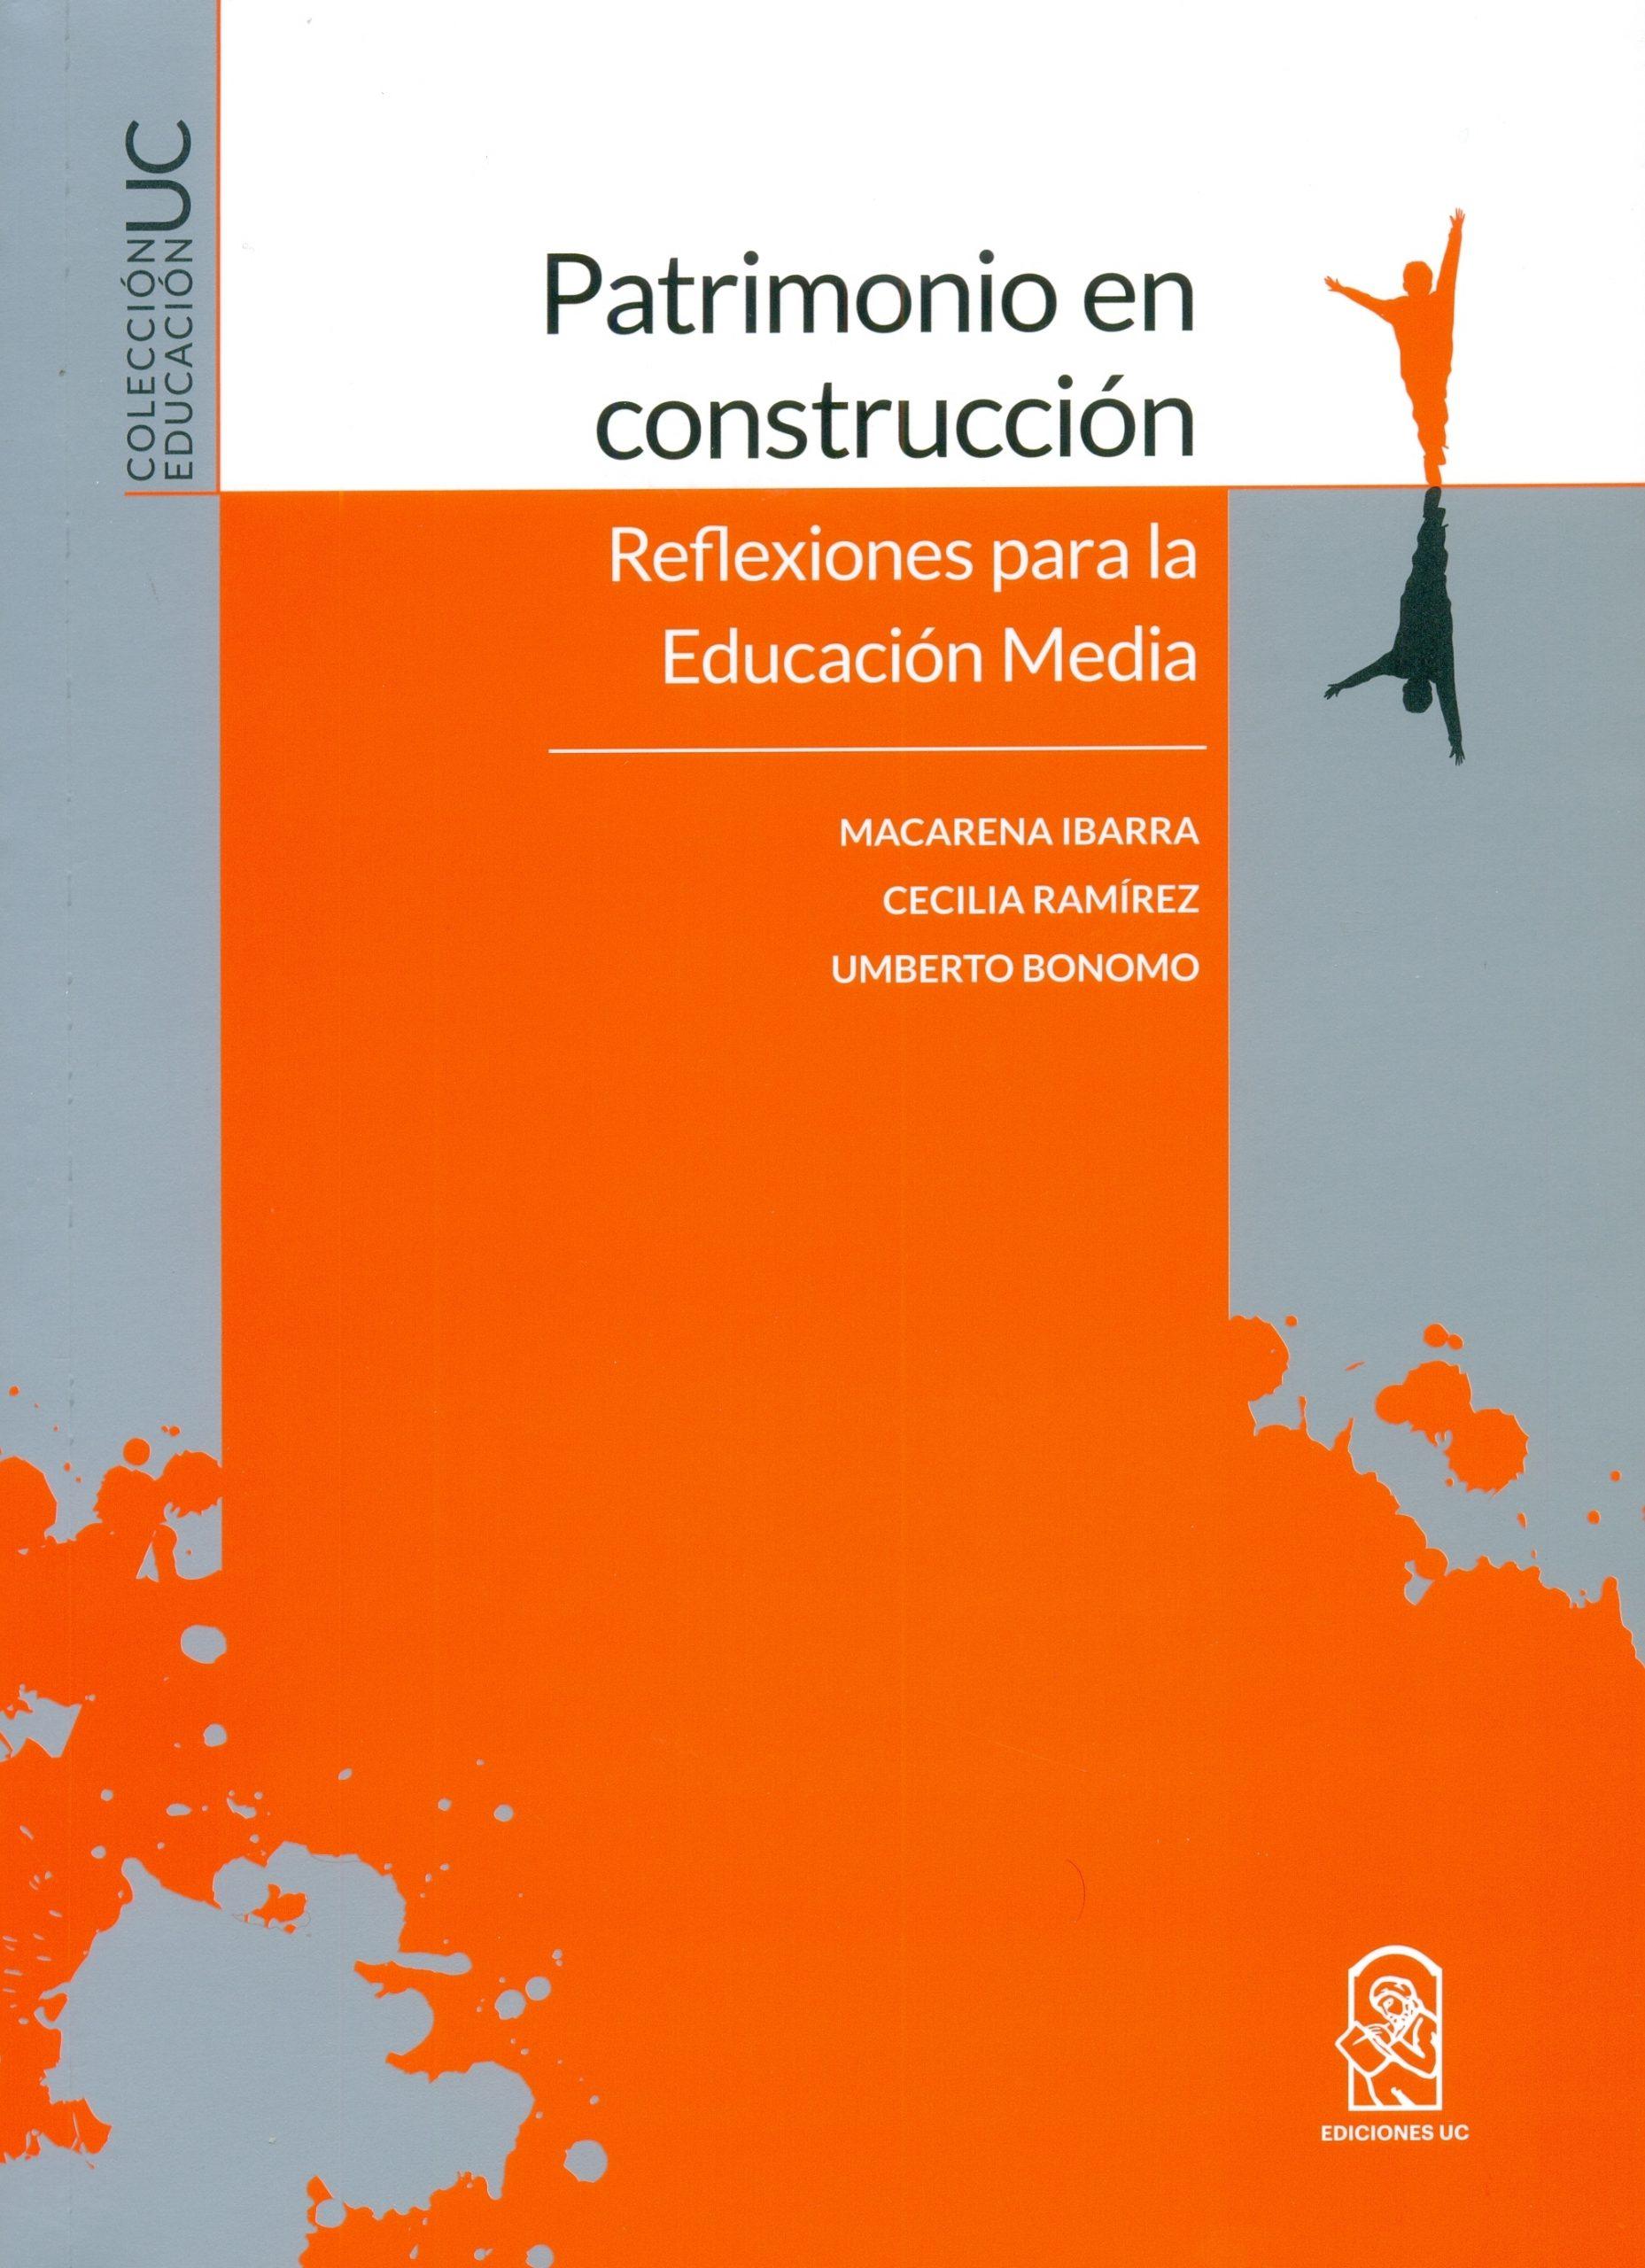 Colecciones UC: «Patrimonio en construcción, reflexiones para la Educación Media»